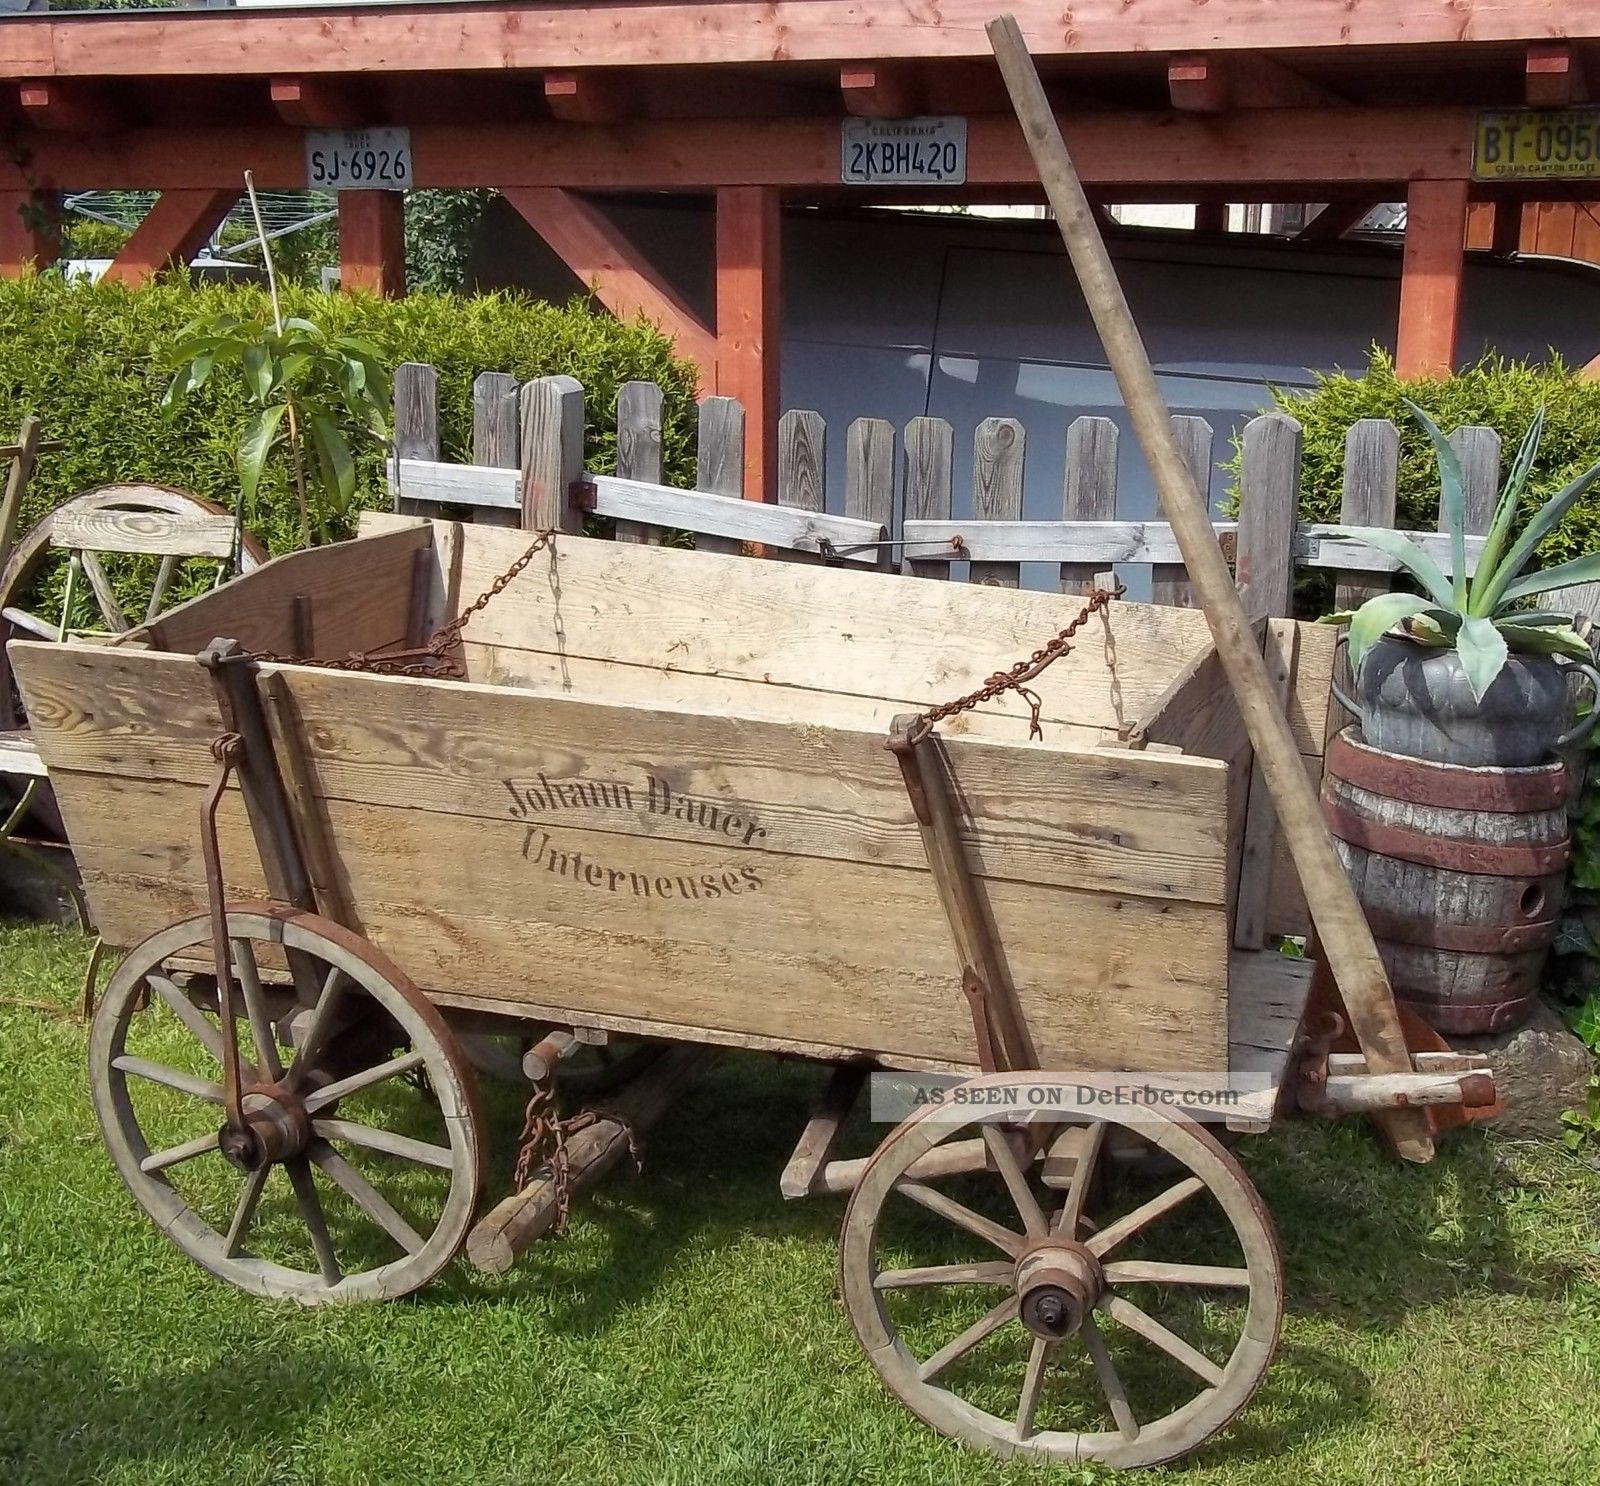 Antiker Kastenwagen - Handwagen - Holz - Heuwagen - Bremsvorrichtung - Zerlegbar 190cm Bauer Bild